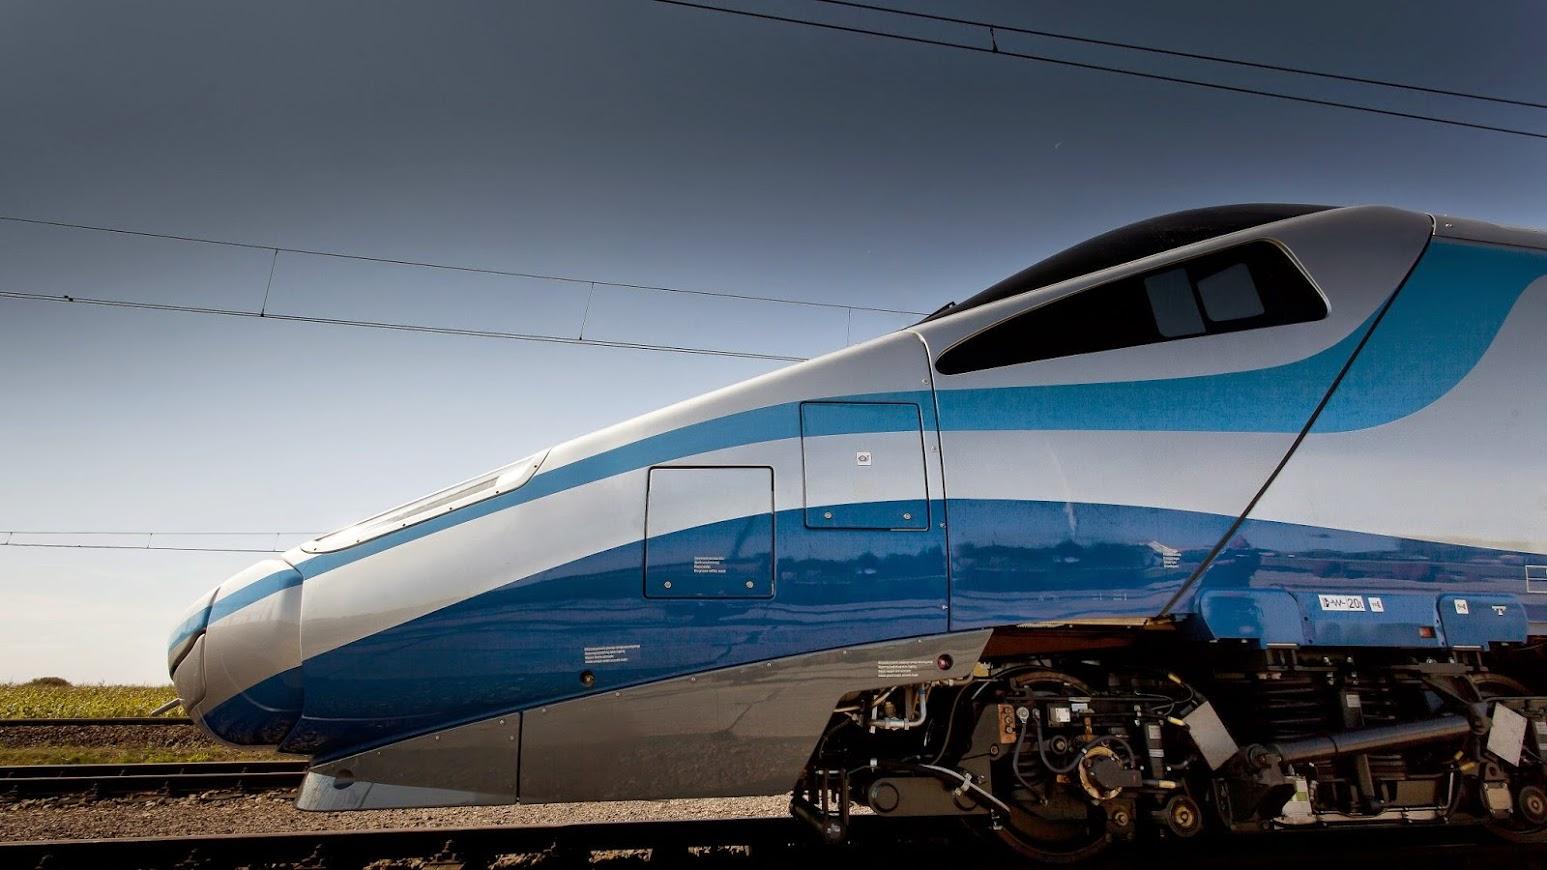 Pendolino przewiozło już milion osób, czyli… mniej niż 10% wszystkich pasażerów InterCity